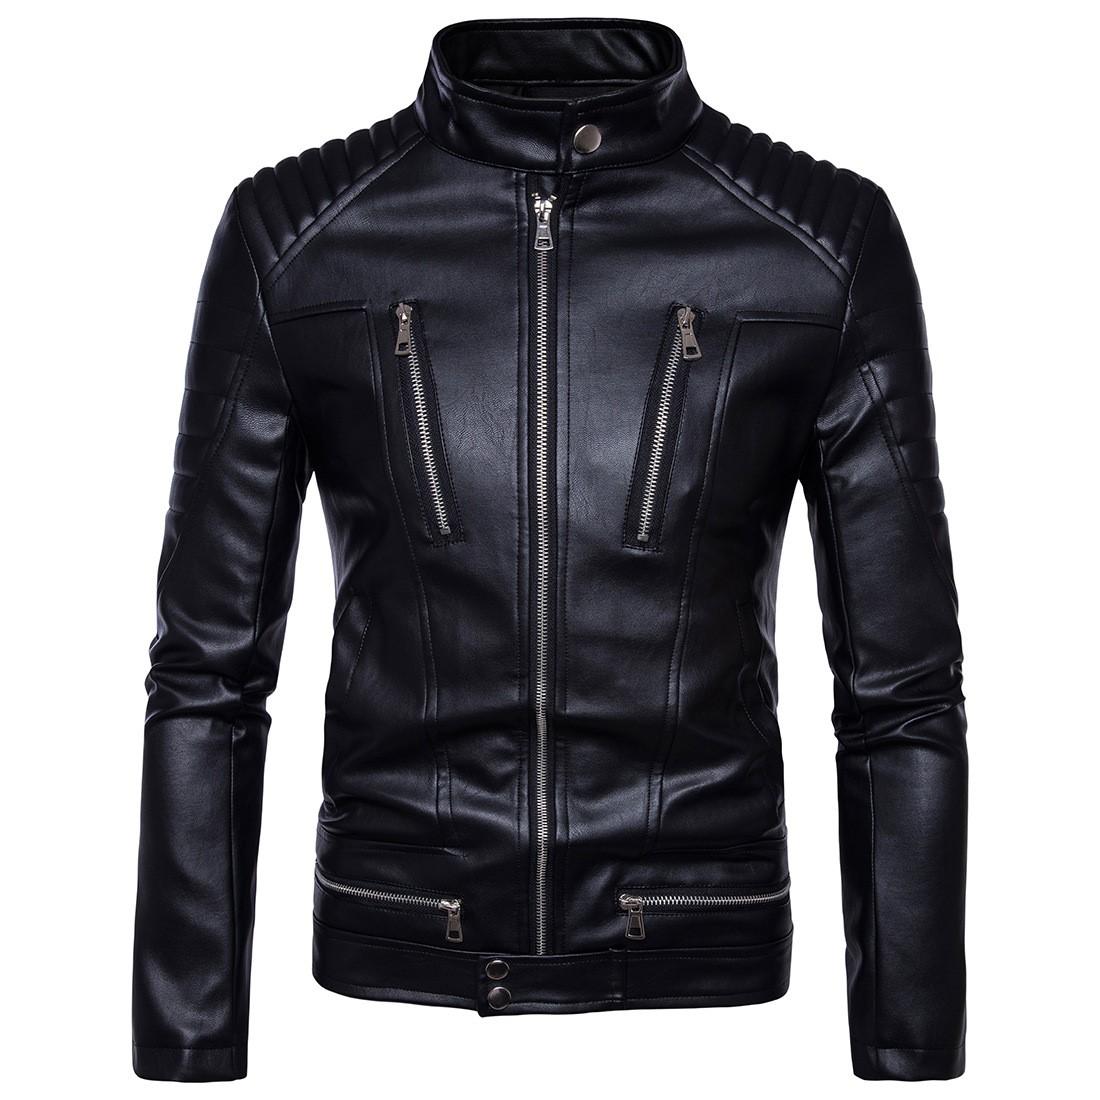 男士朋克皮衣 大码  朋克男装机车多拉链皮衣摩托皮衣夹克外套Men's coat tops_推荐淘宝好看的男朋克皮衣